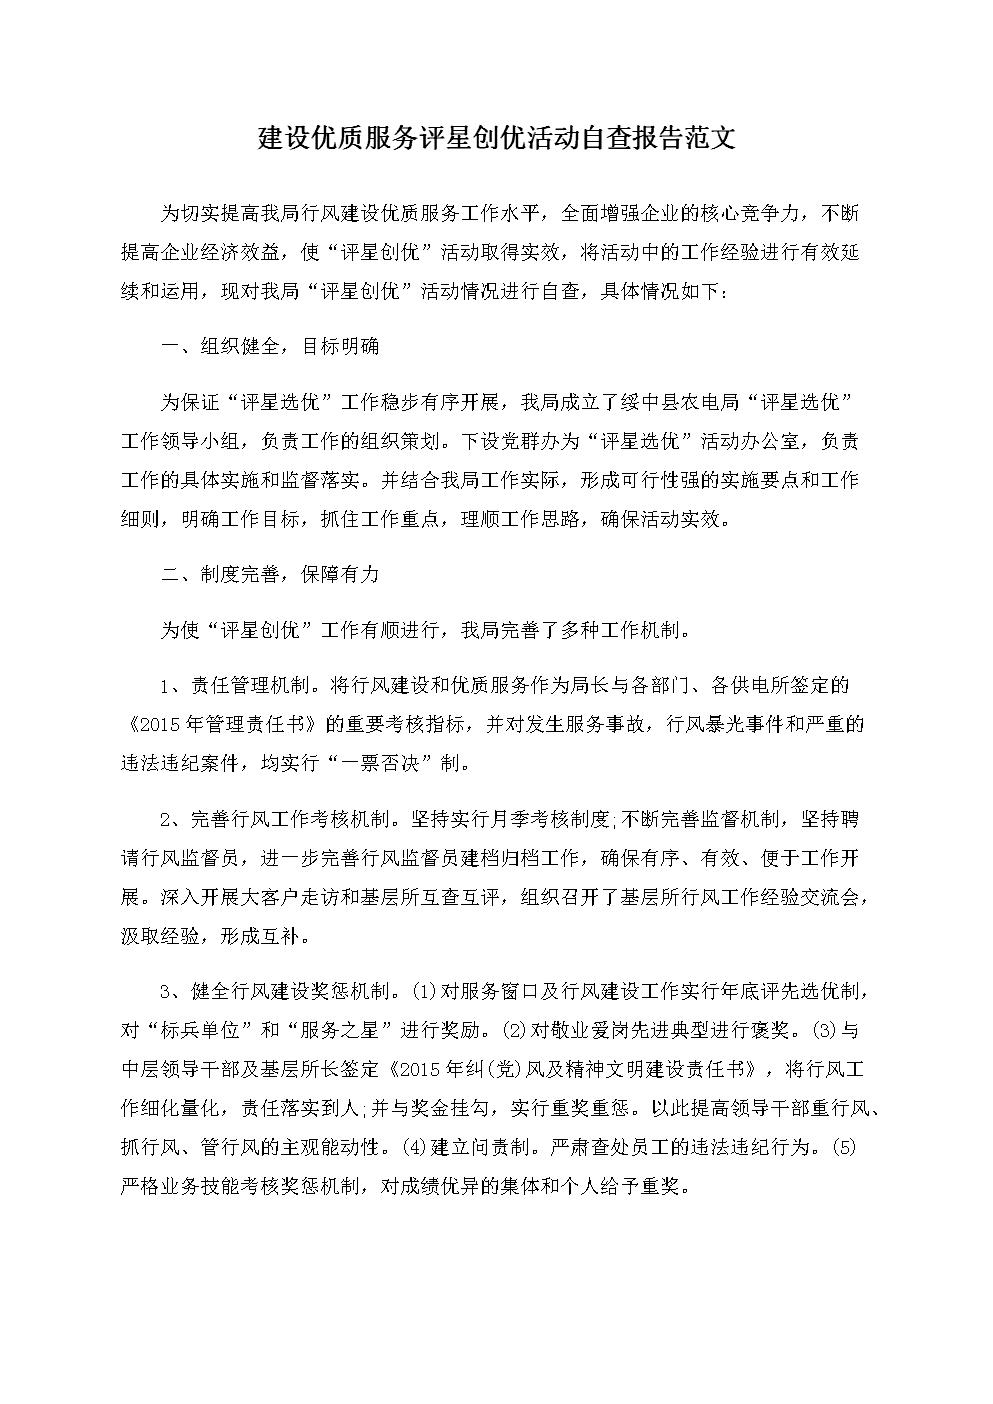 建设优质服务评星创优活动自查报告.docx